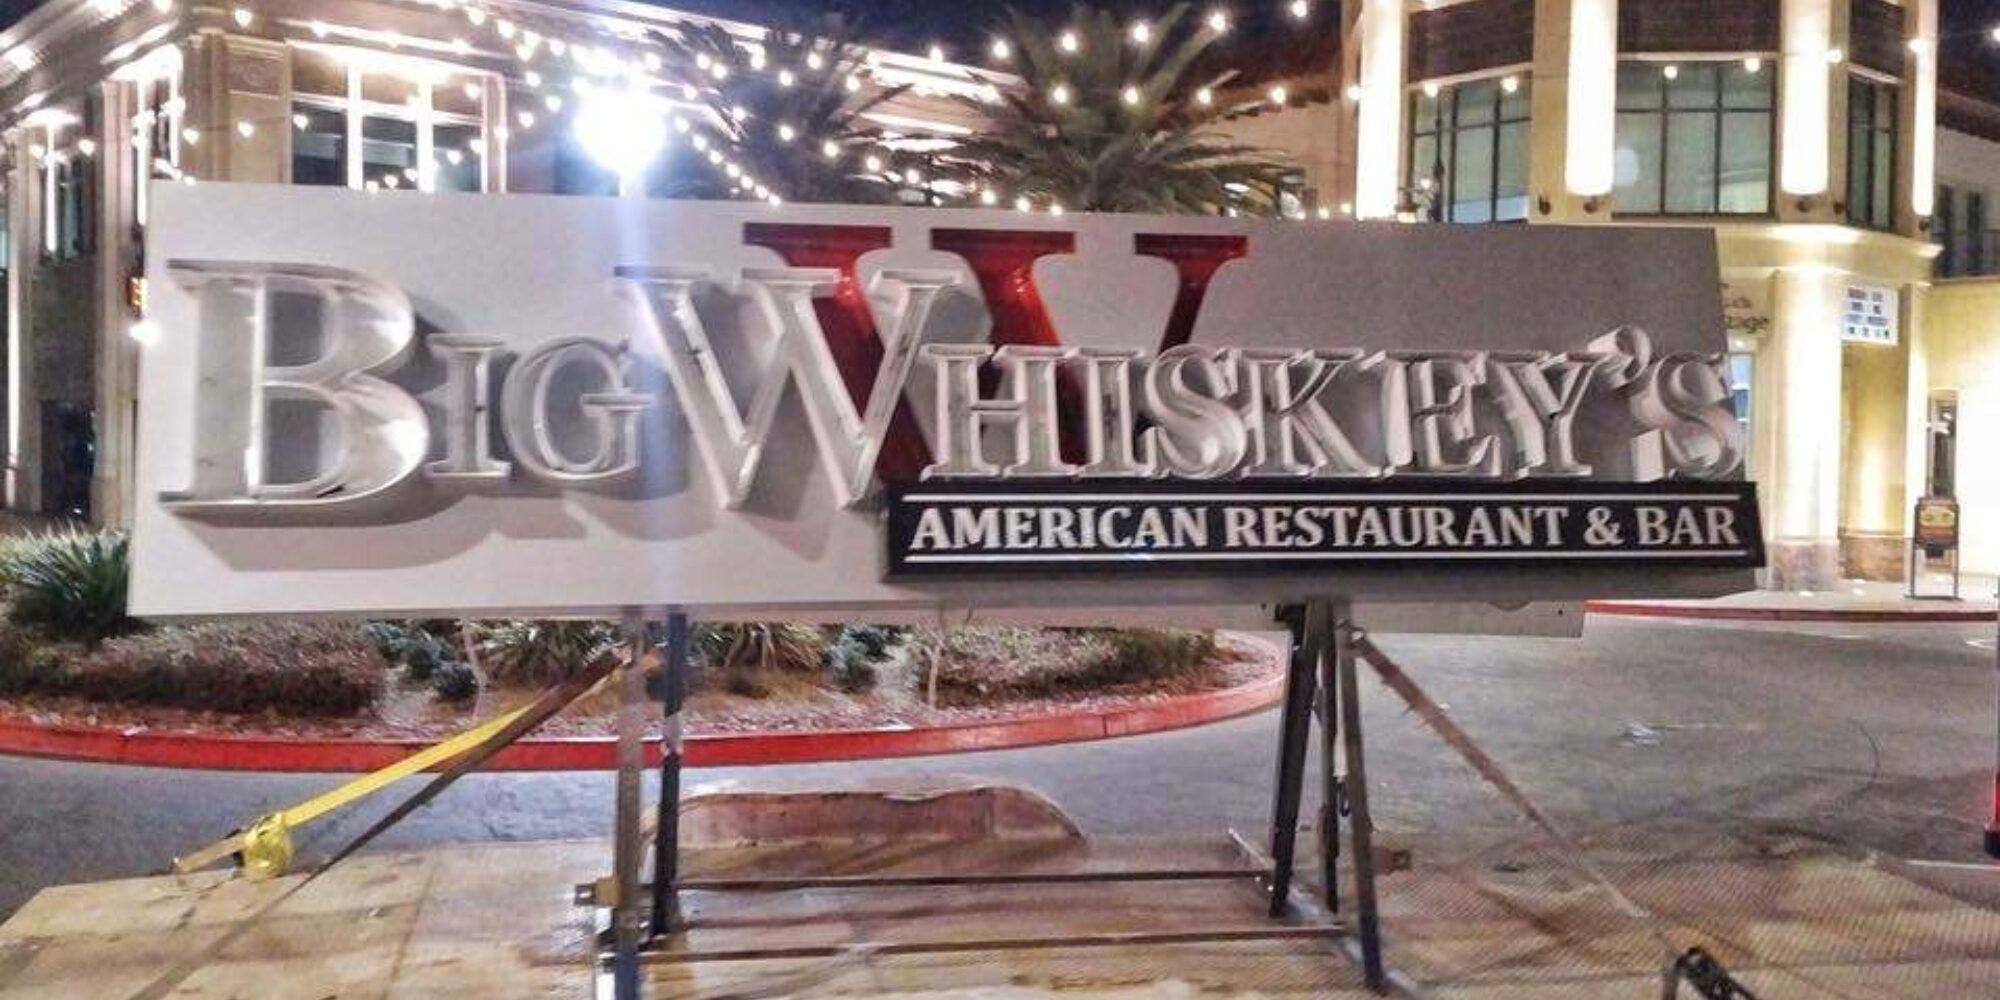 Big whiskeys las vegas sign